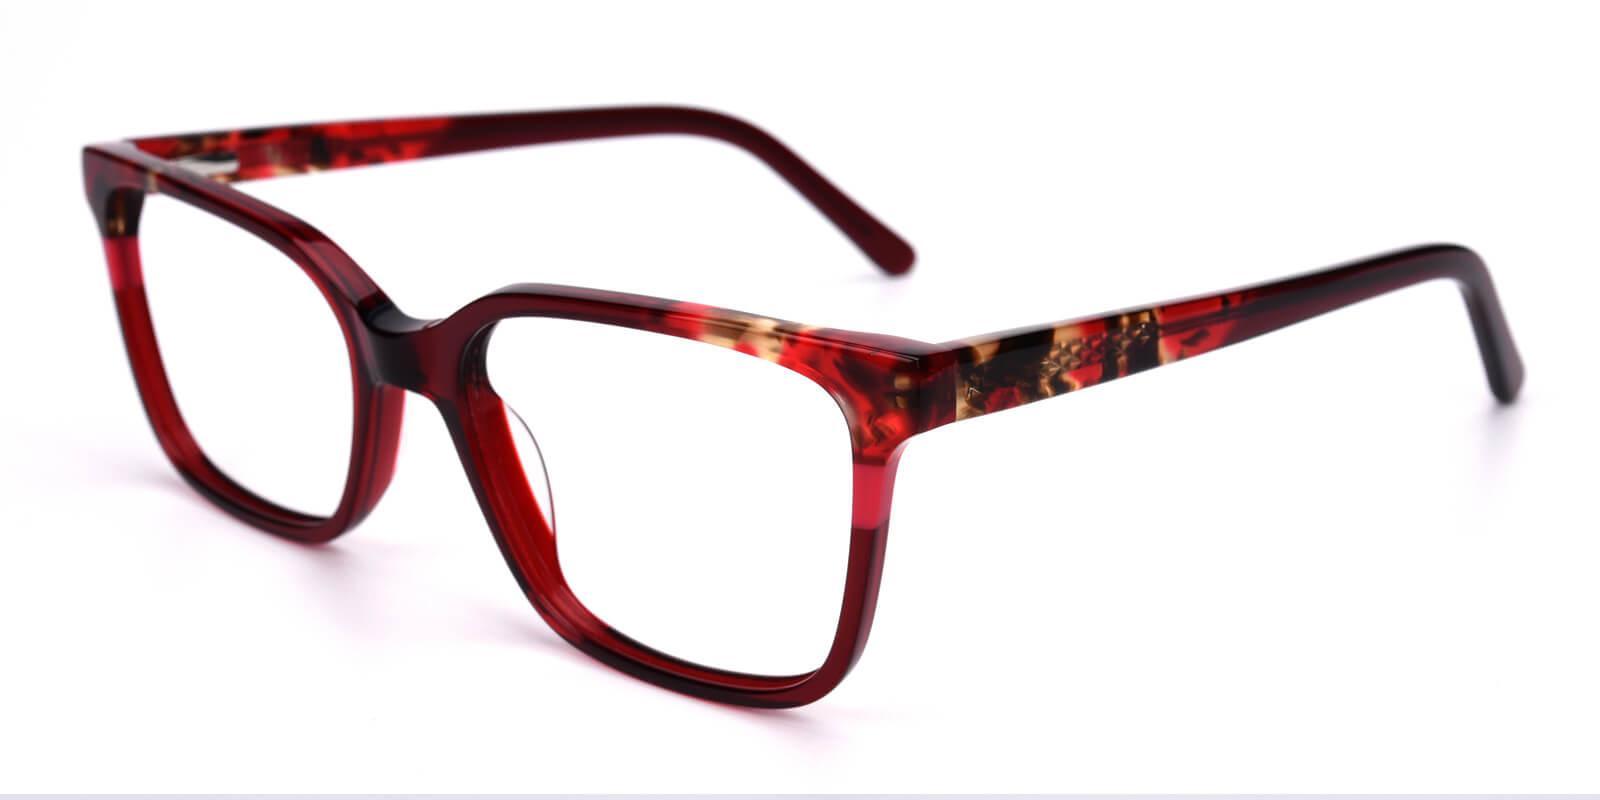 Geraldine-Red-Square / Cat-Acetate-Eyeglasses-additional1